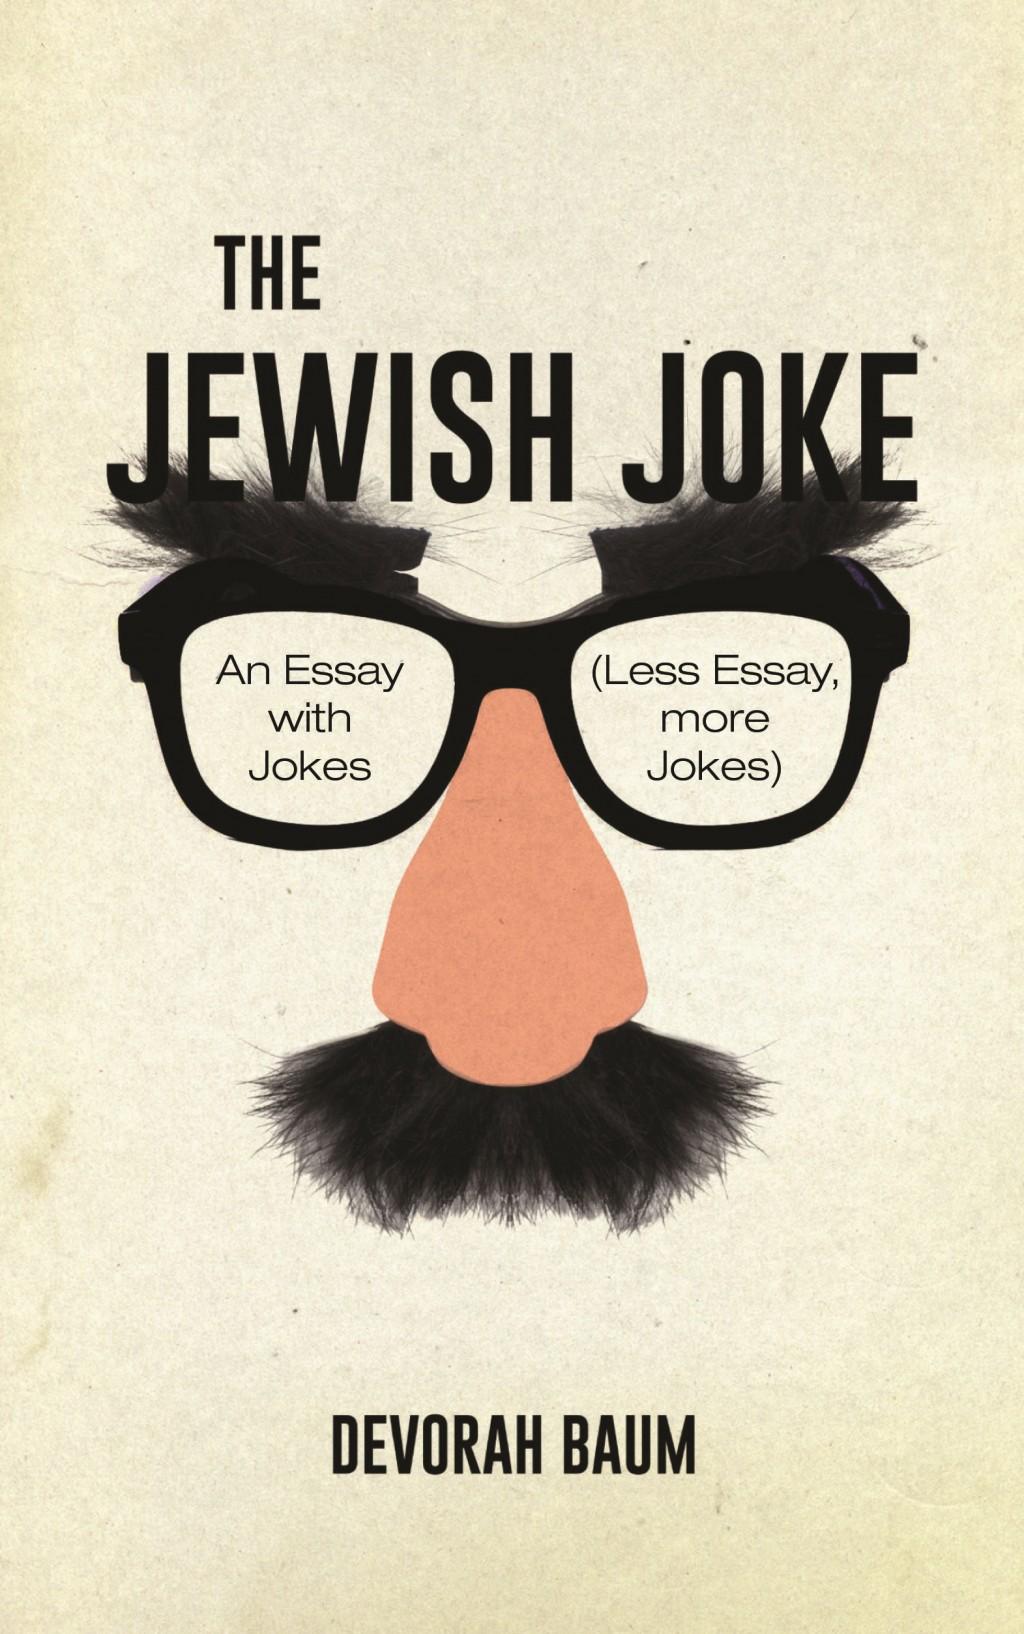 018 Essay Joke Amazing Writer Joker In Hindi Jokes English Large